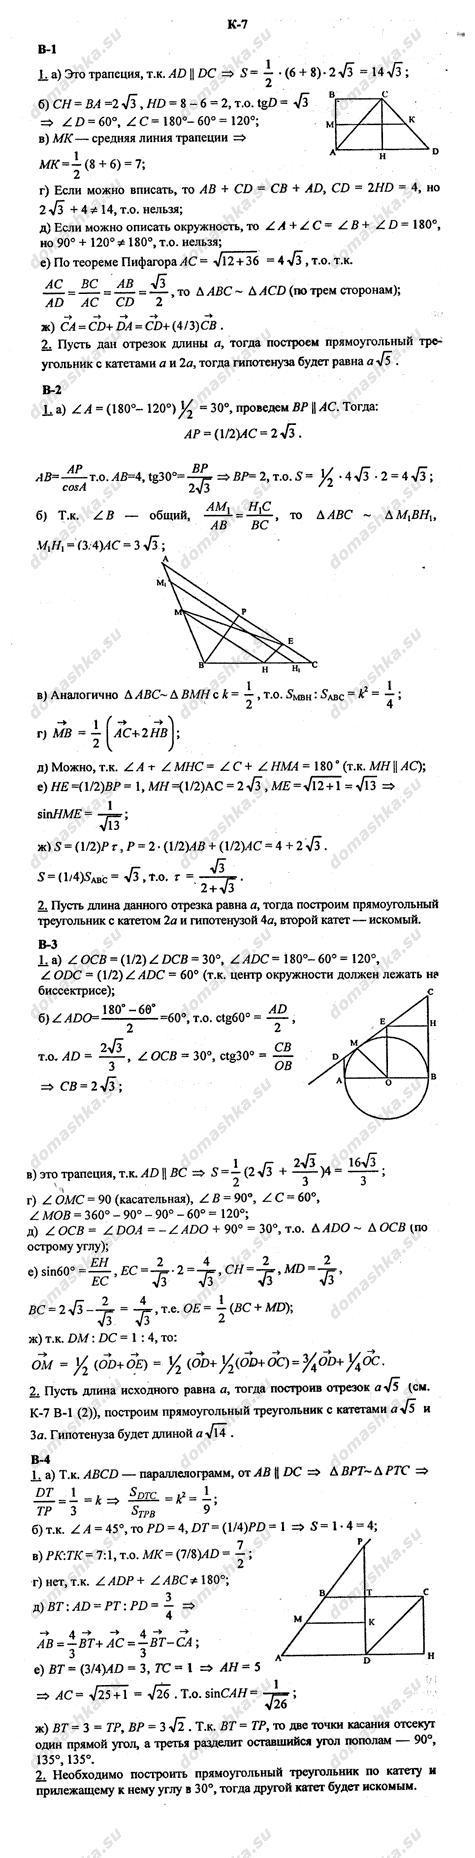 Гдз геометрия контрольные работы 8 класс